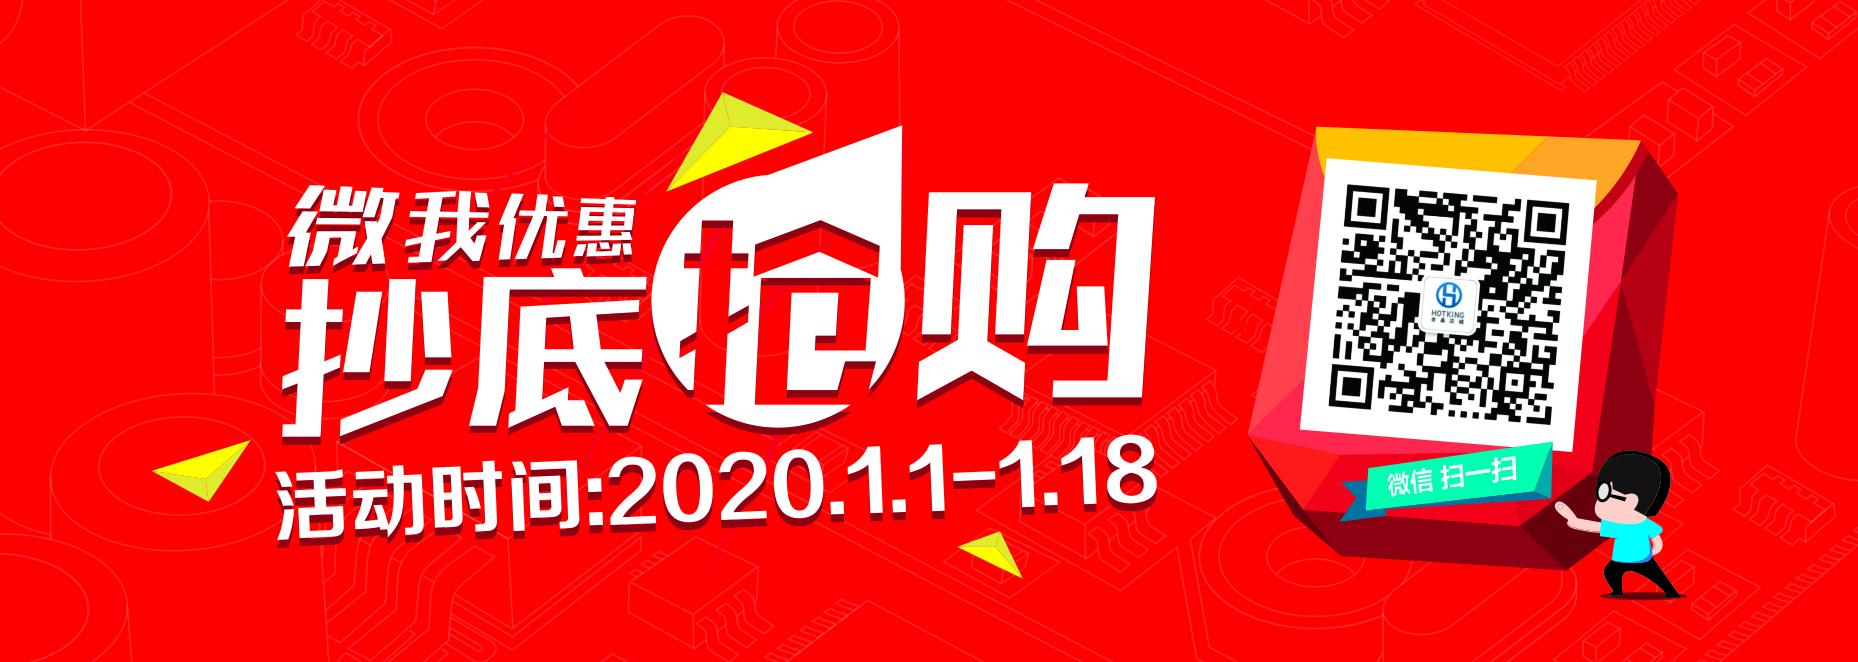 2020有爱有礼,抄底抢购!